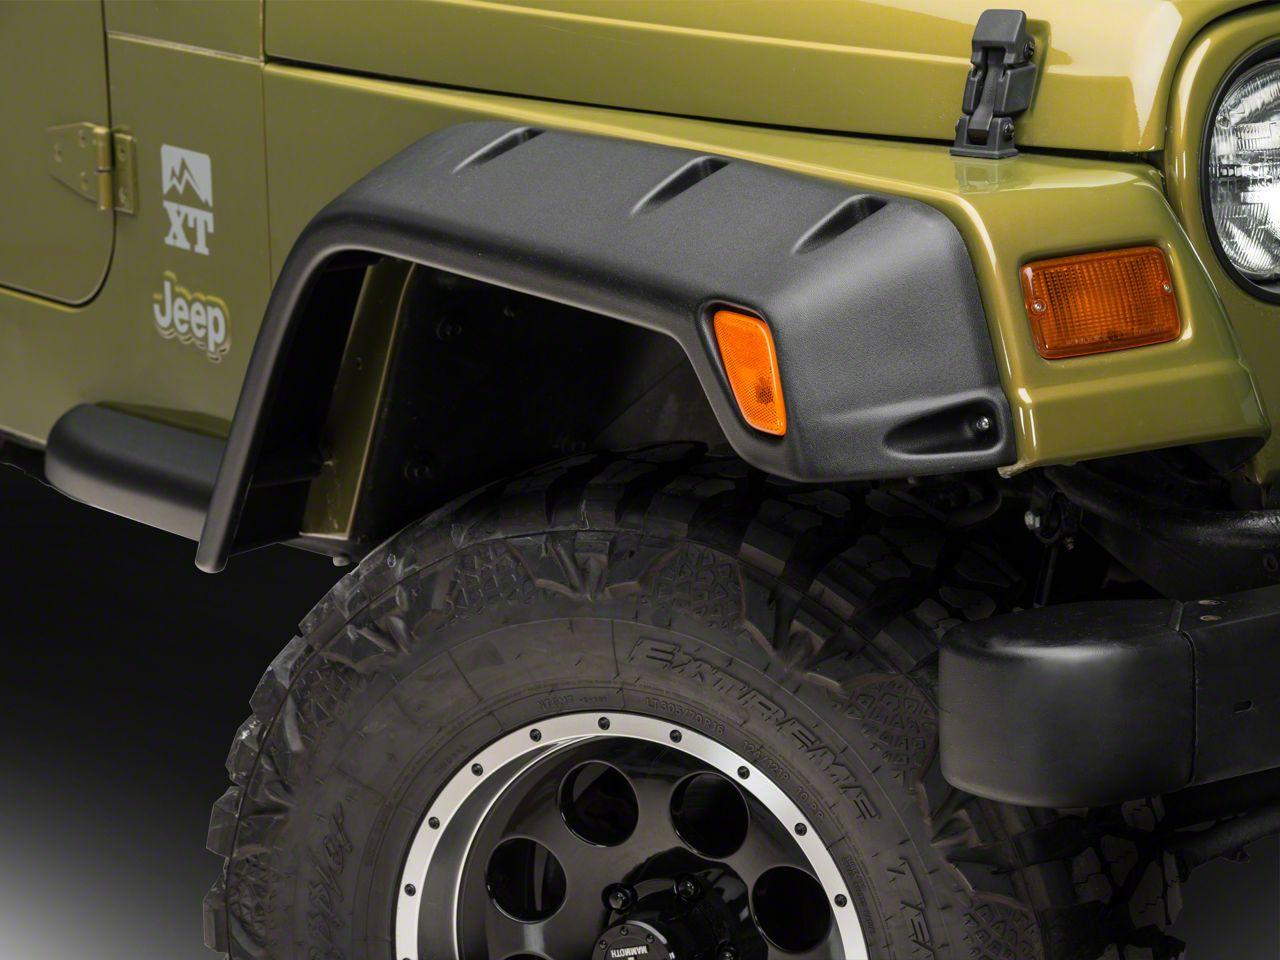 Bushwacker 6 in. Front & Rear Pocket Style Fender Flares (97-06 Jeep Wrangler TJ)